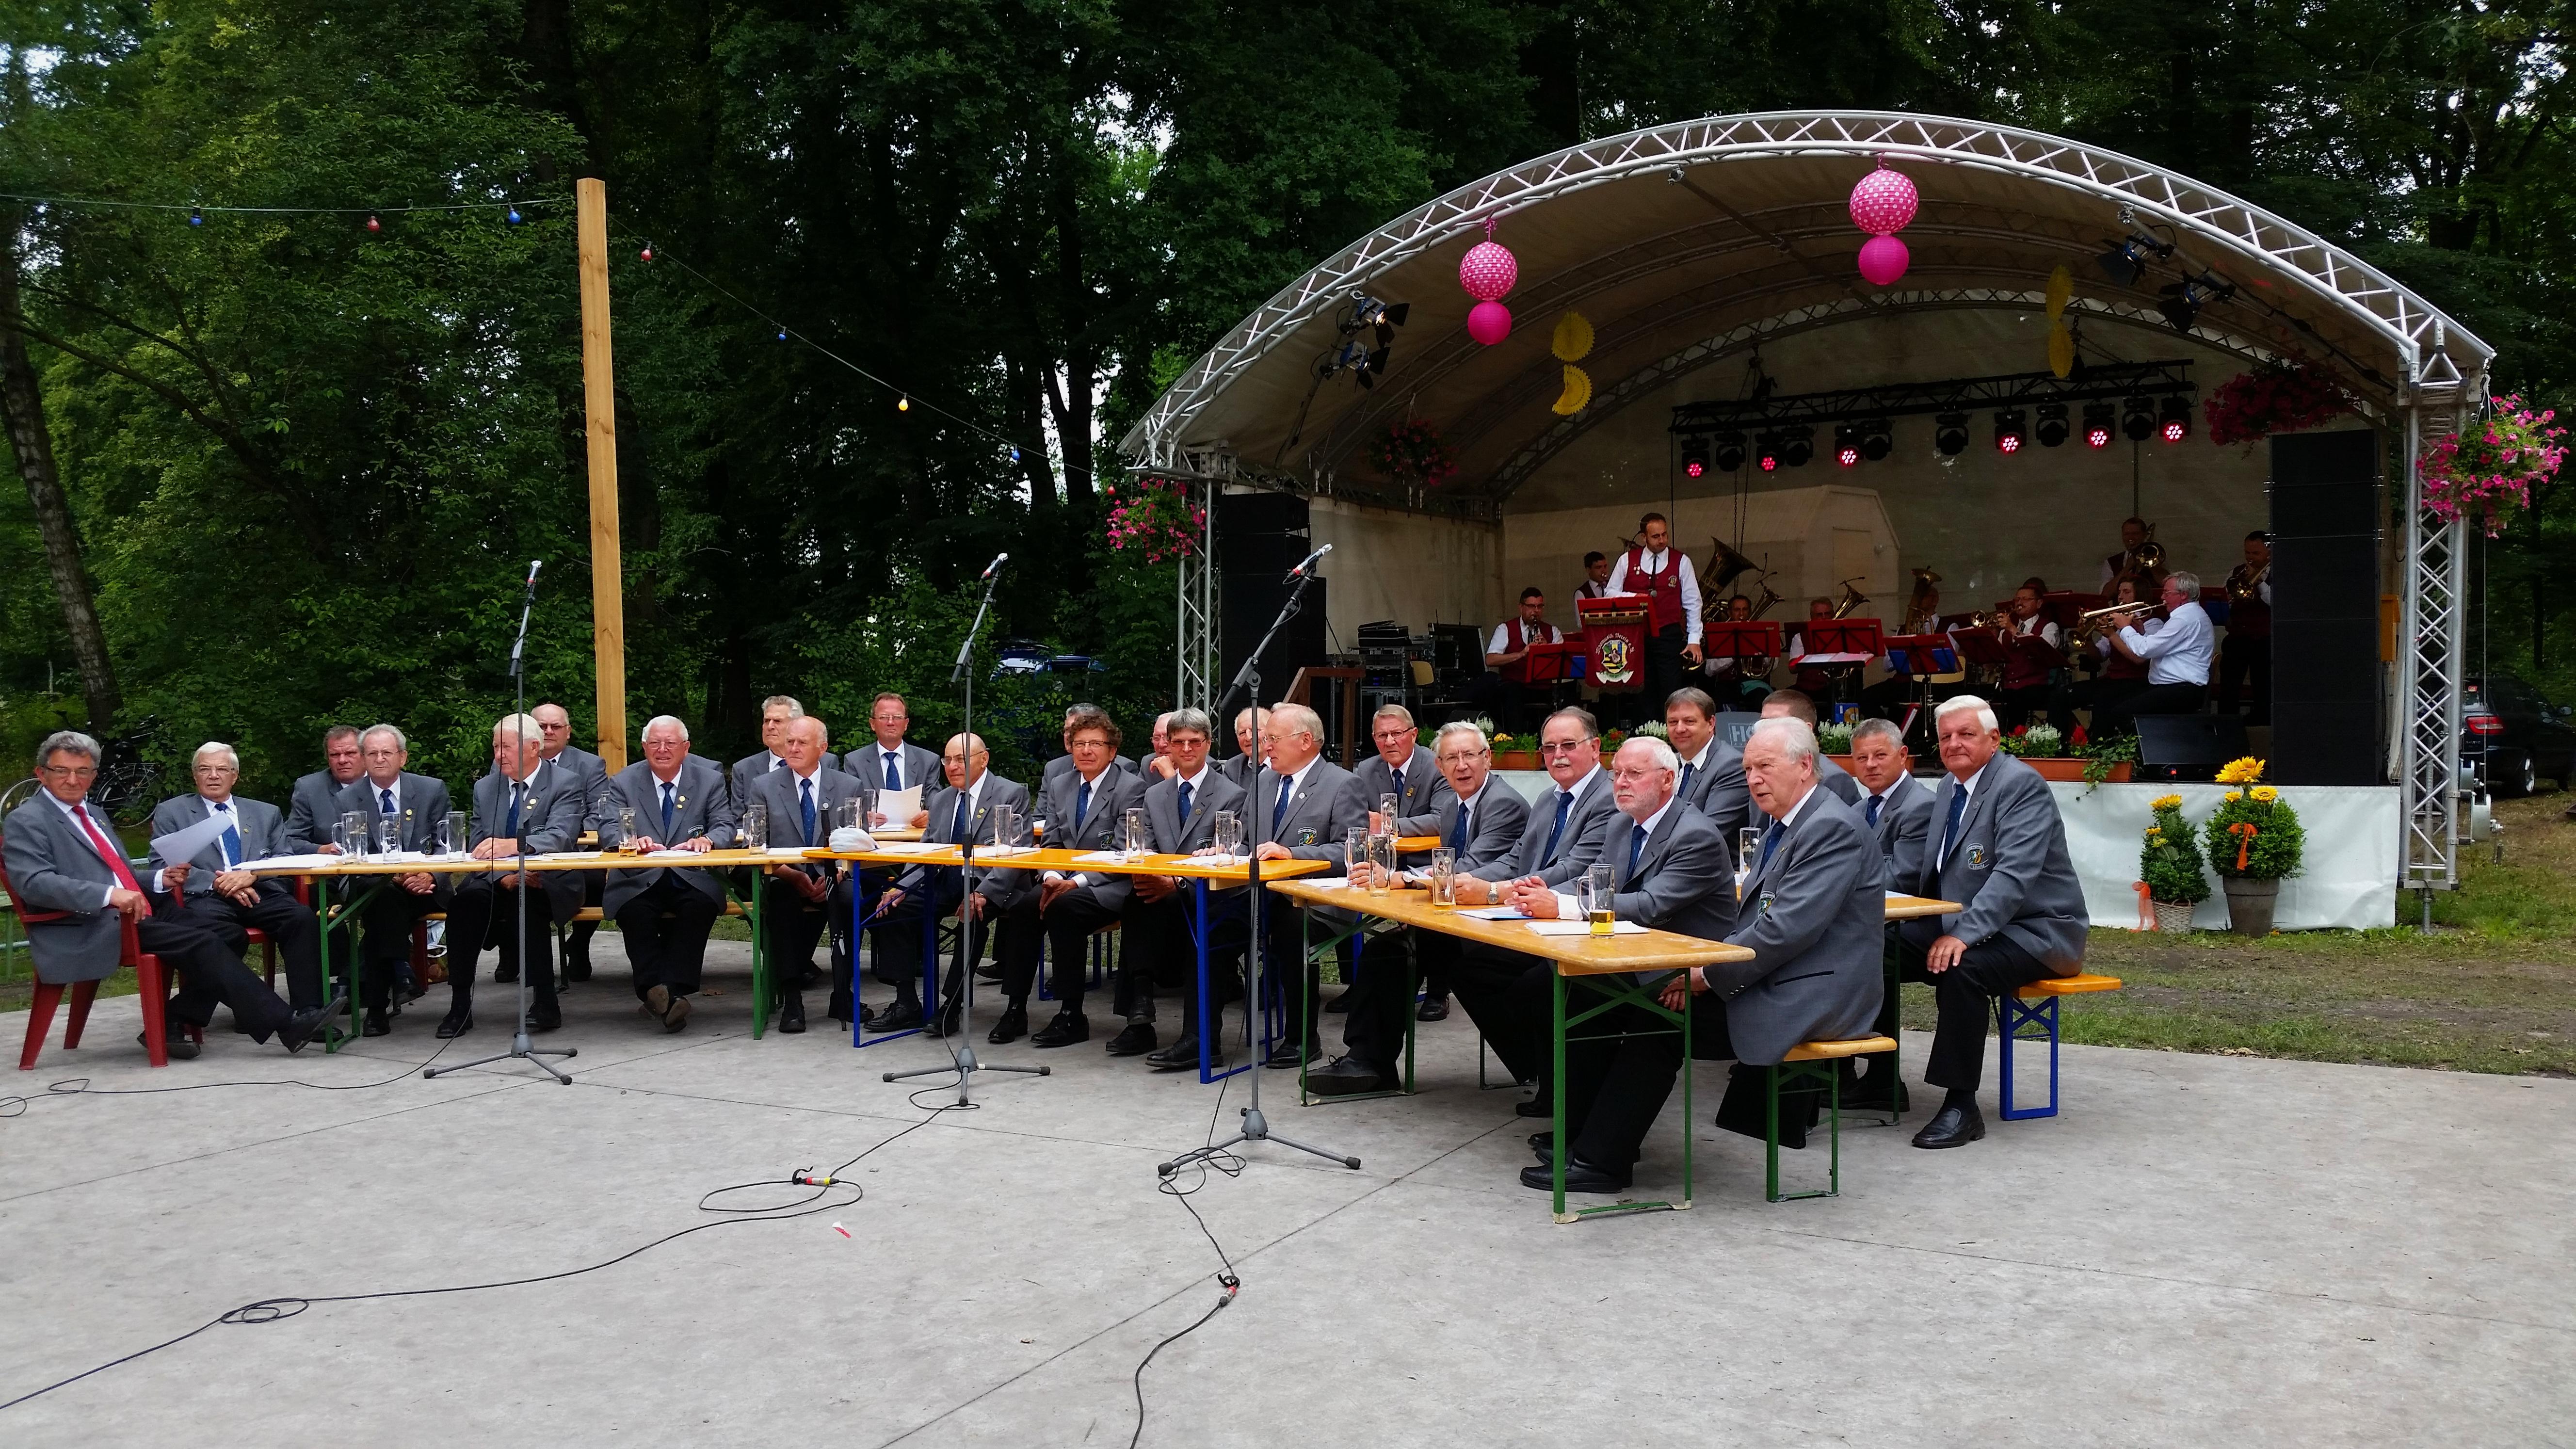 Frühschoppen zum Parkfest und Reitturnier in Löbnitz 2016 - Blasmusikverein Schenkenberg e.V.